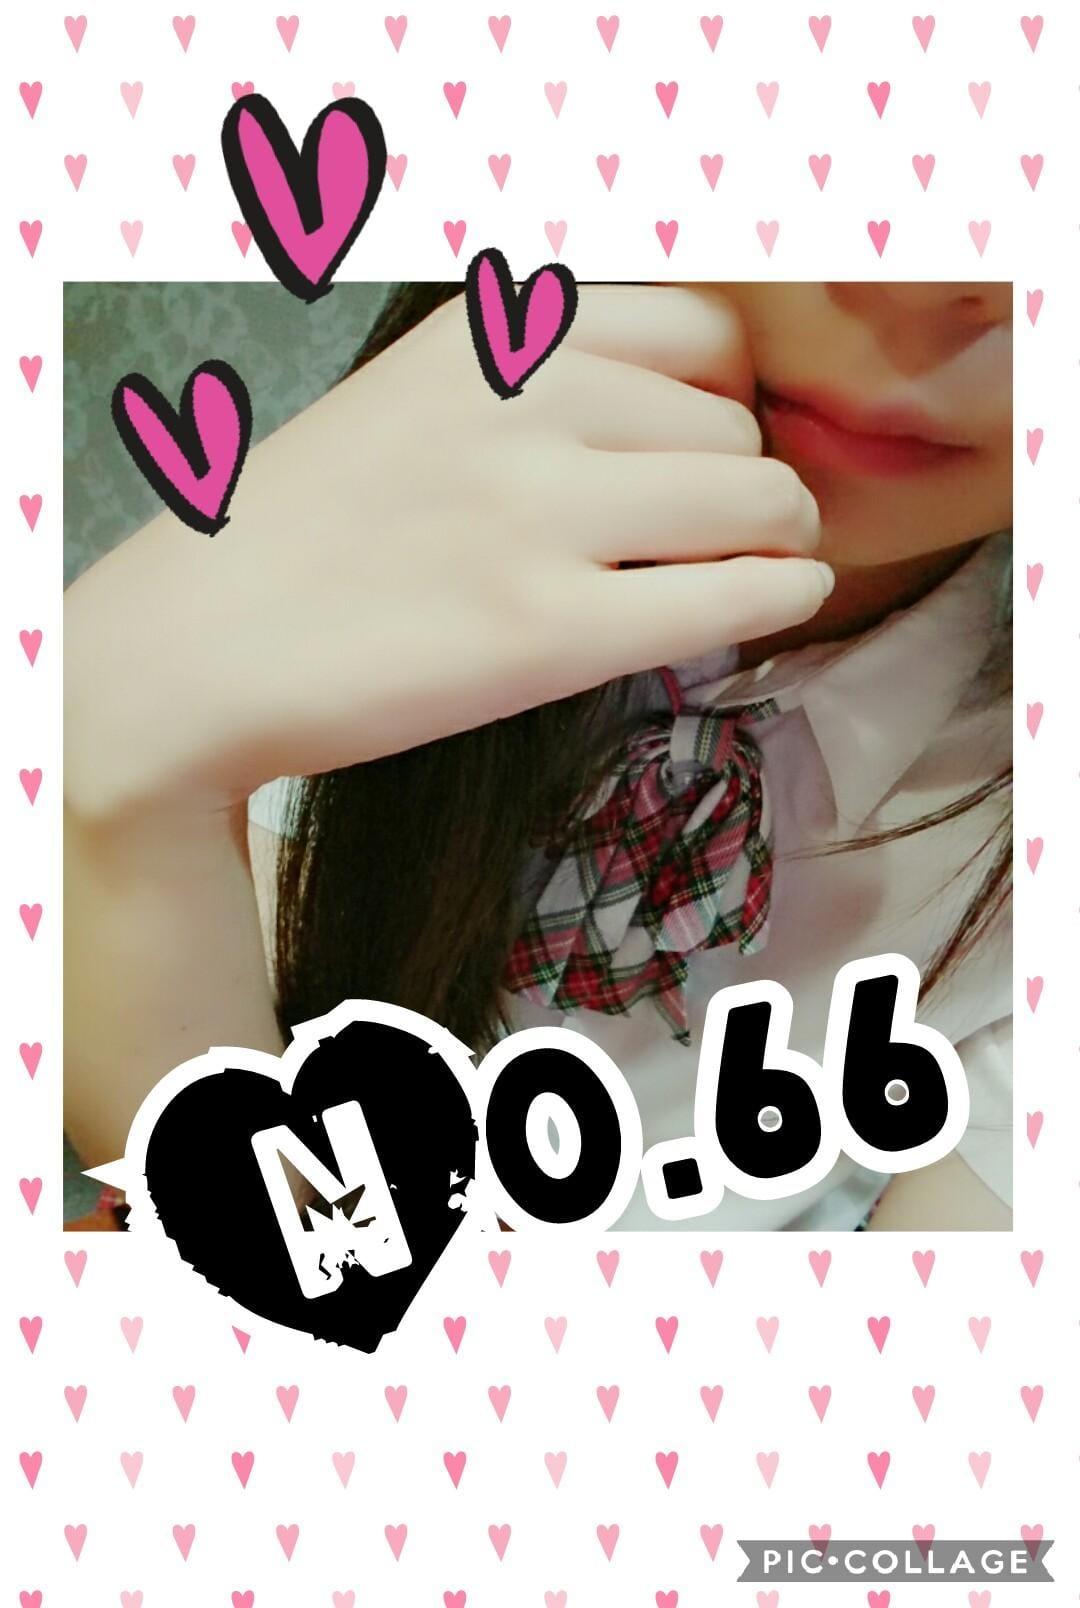 「さむい 相馬」09/12(水) 12:37 | No.66 相馬の写メ・風俗動画